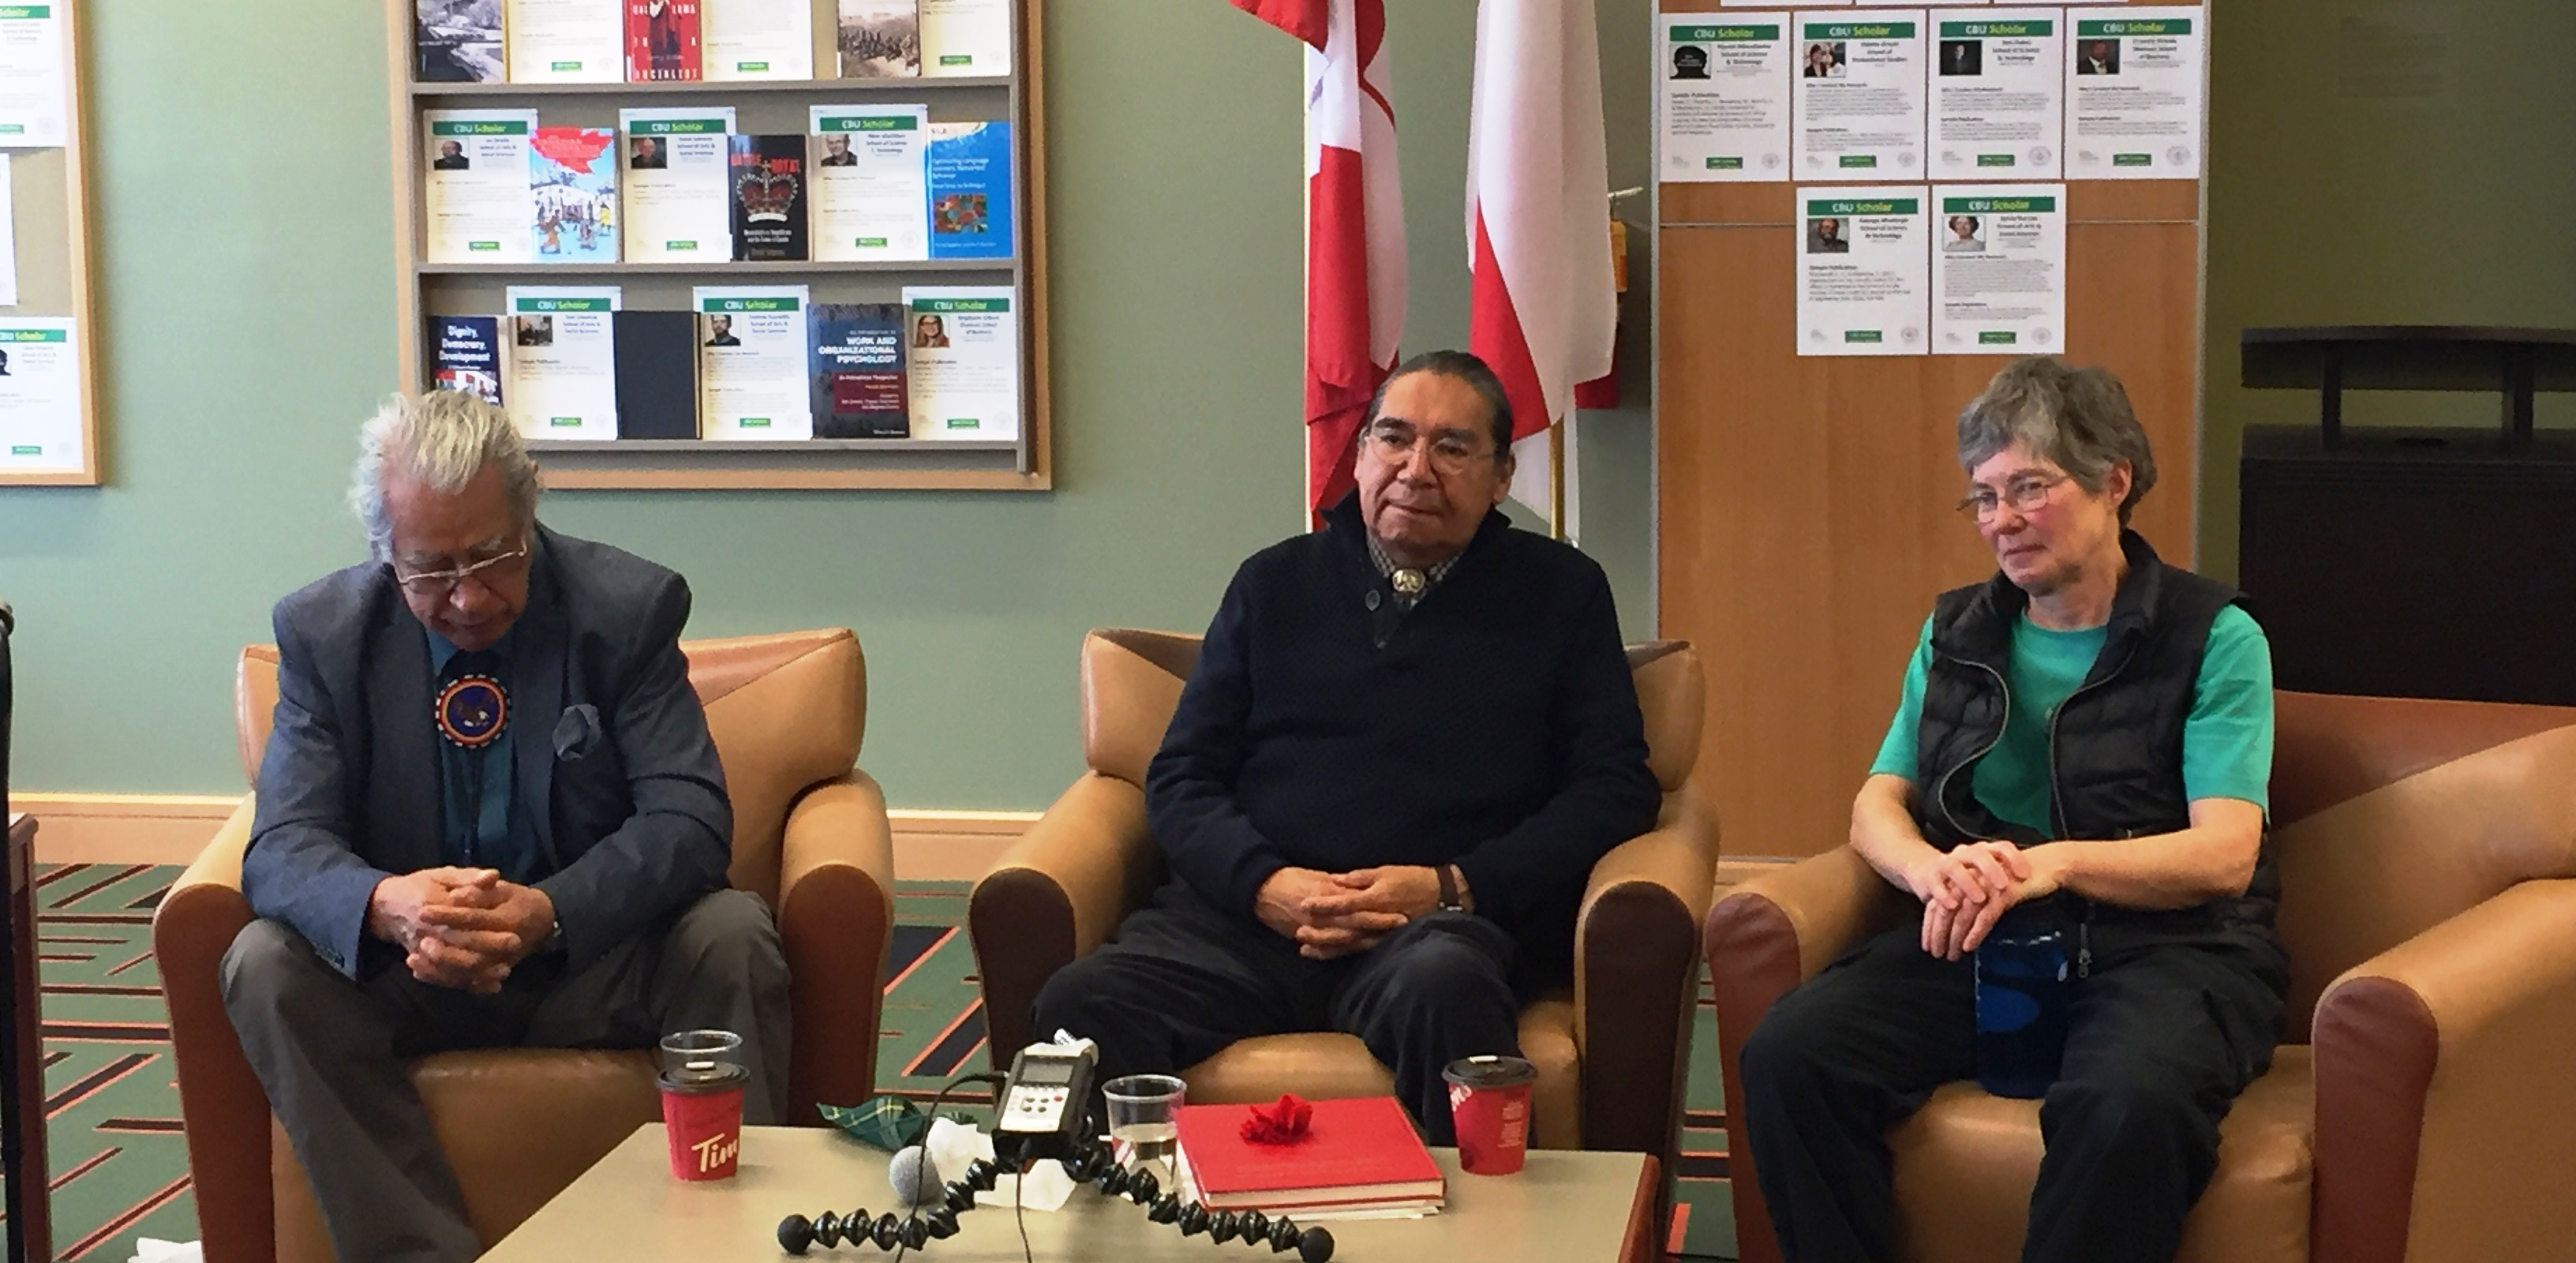 Elder Dr. Albert Marshall, Dr. Cheryl Bartlett and Elder Stephen Augustine